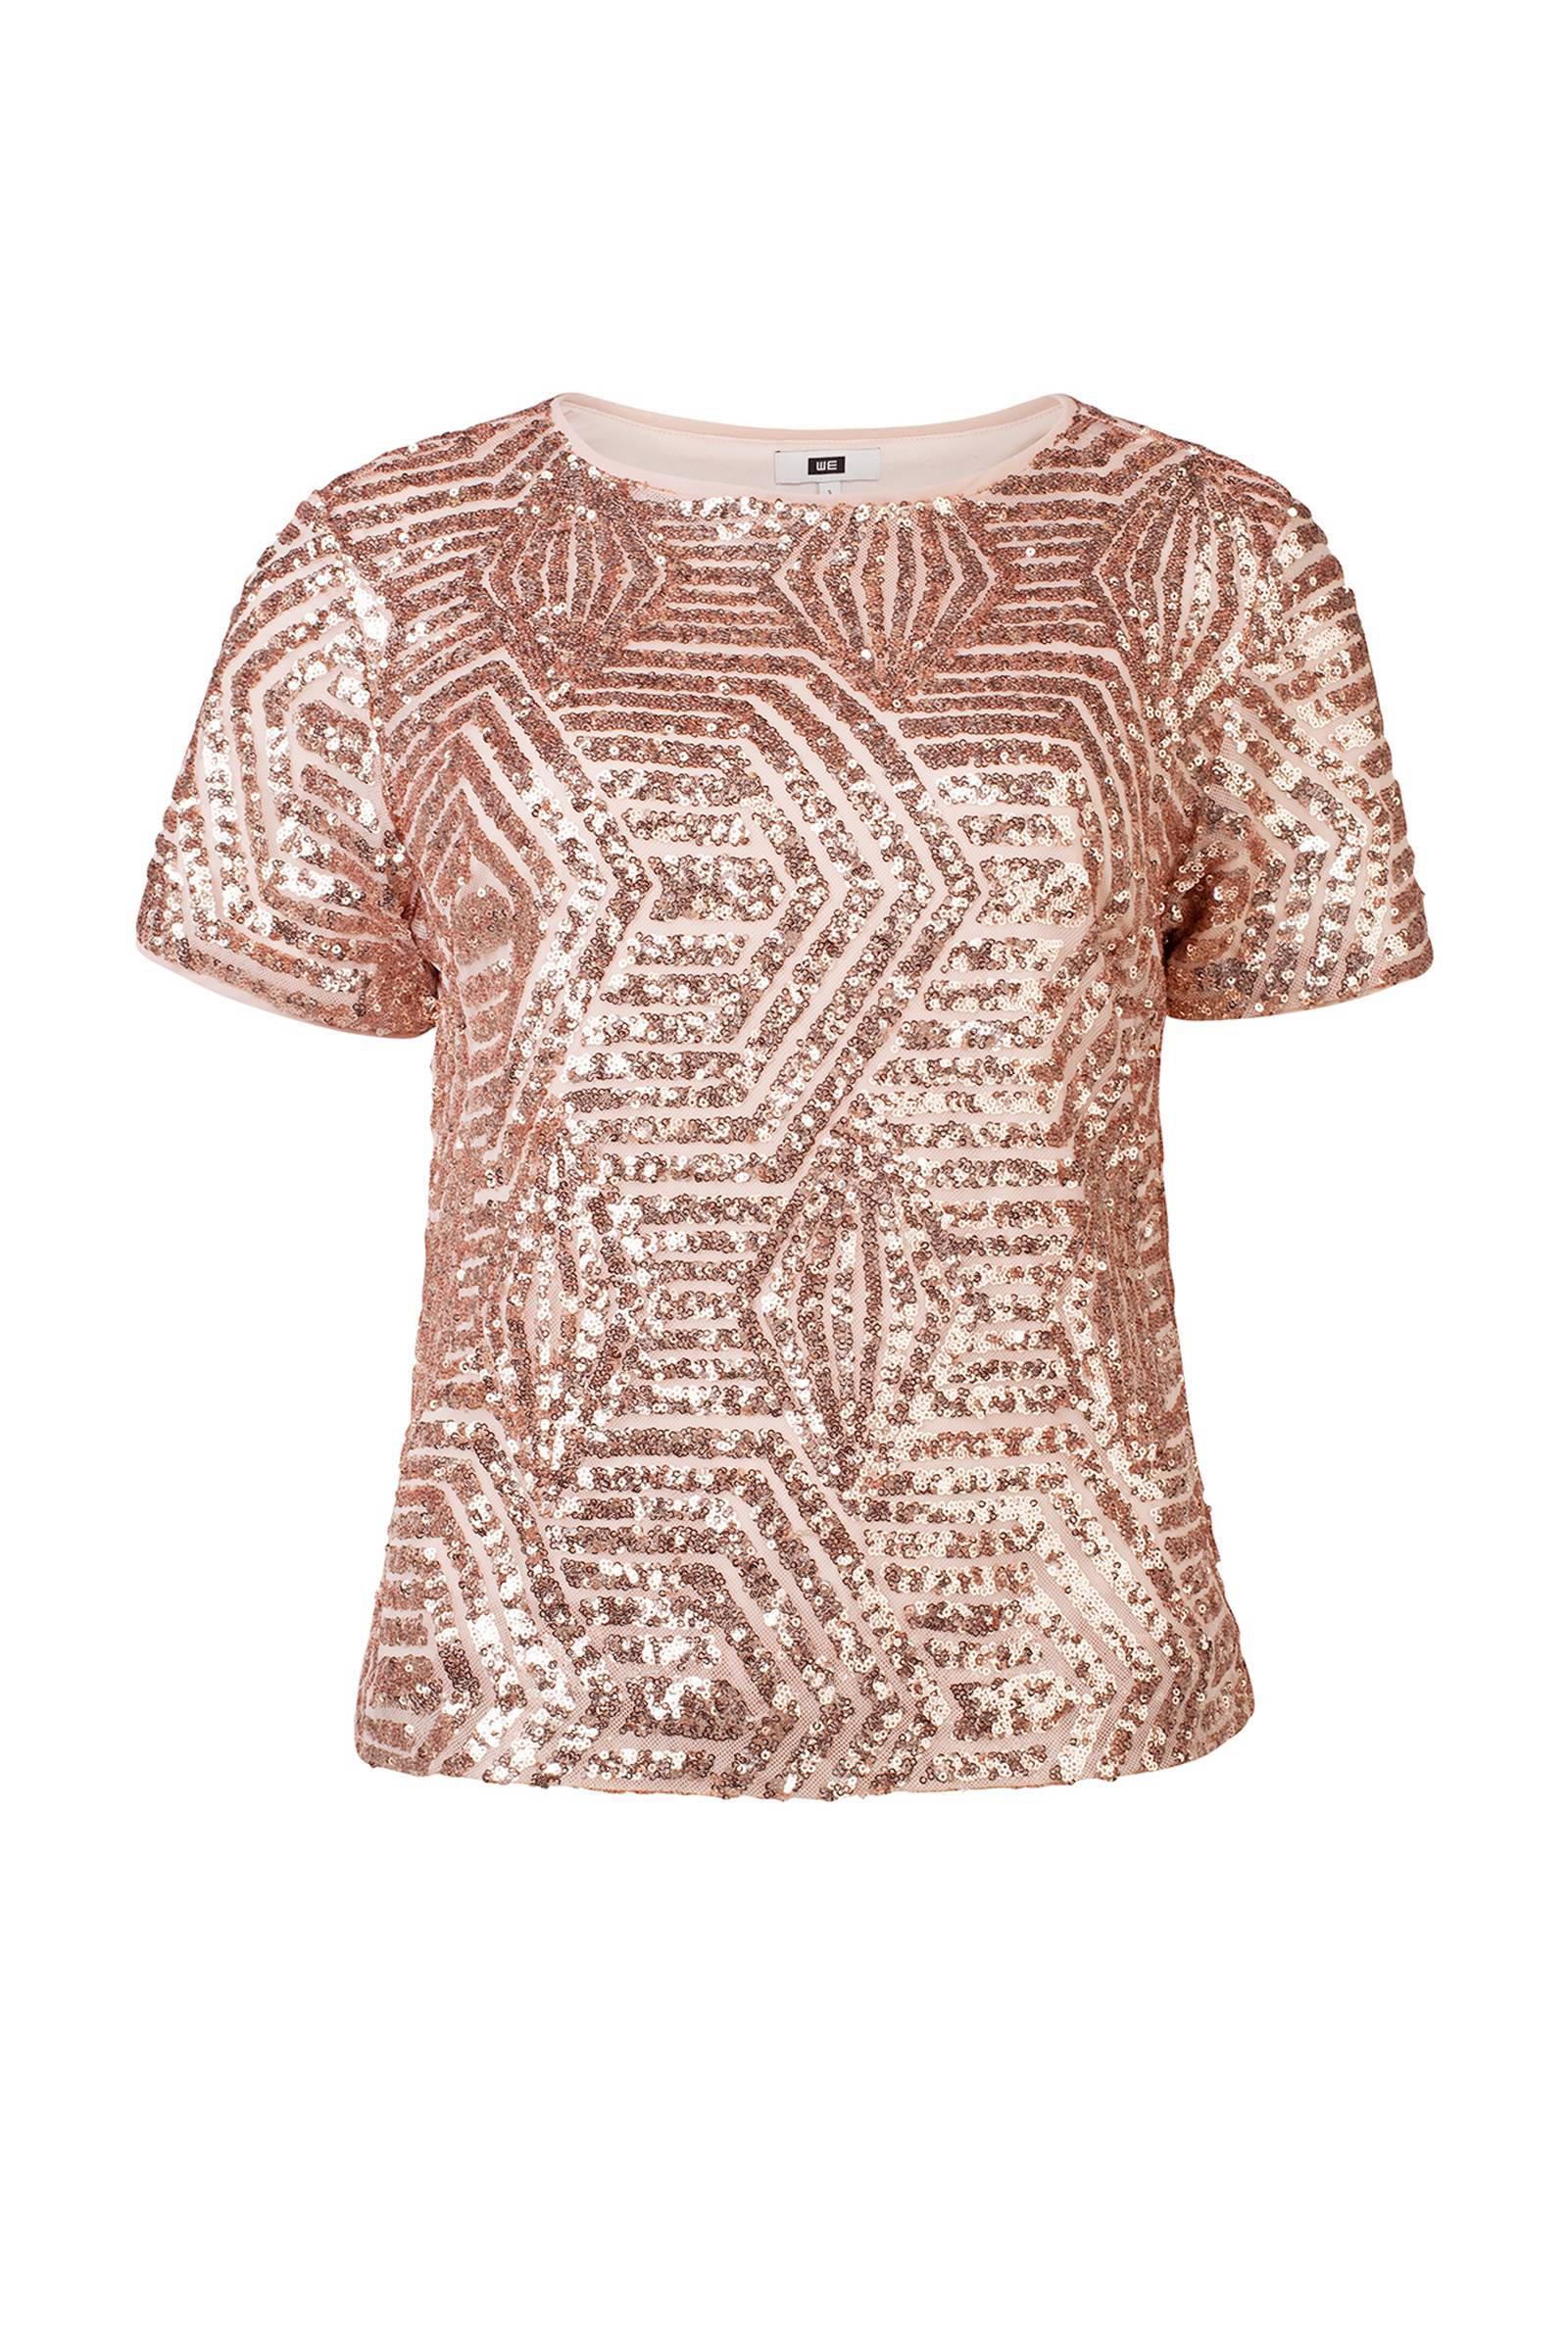 453b565f0e4acc Uitzonderlijk WE Fashion pailletten top